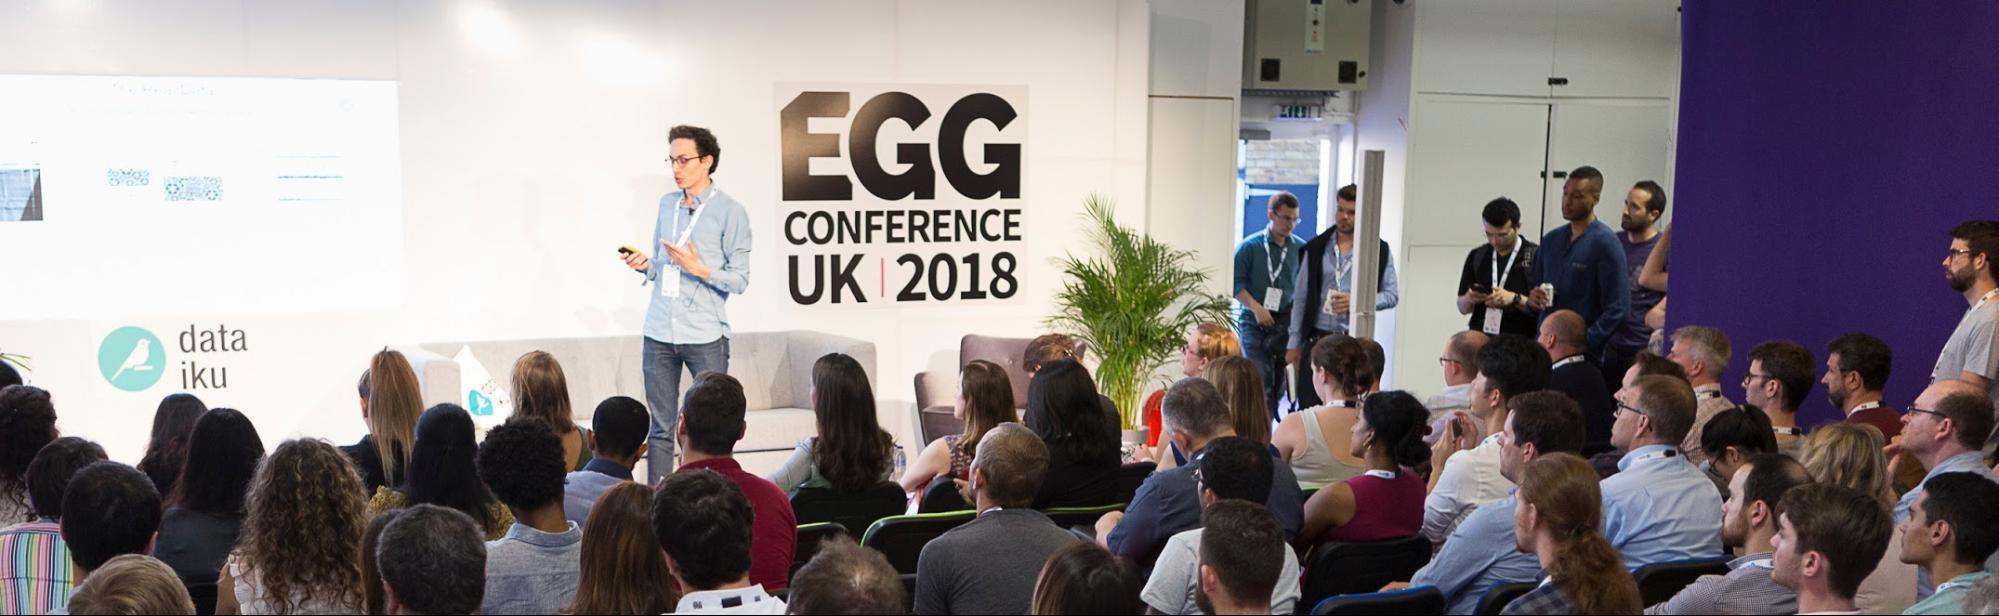 EGG U.K. 2018 speaker